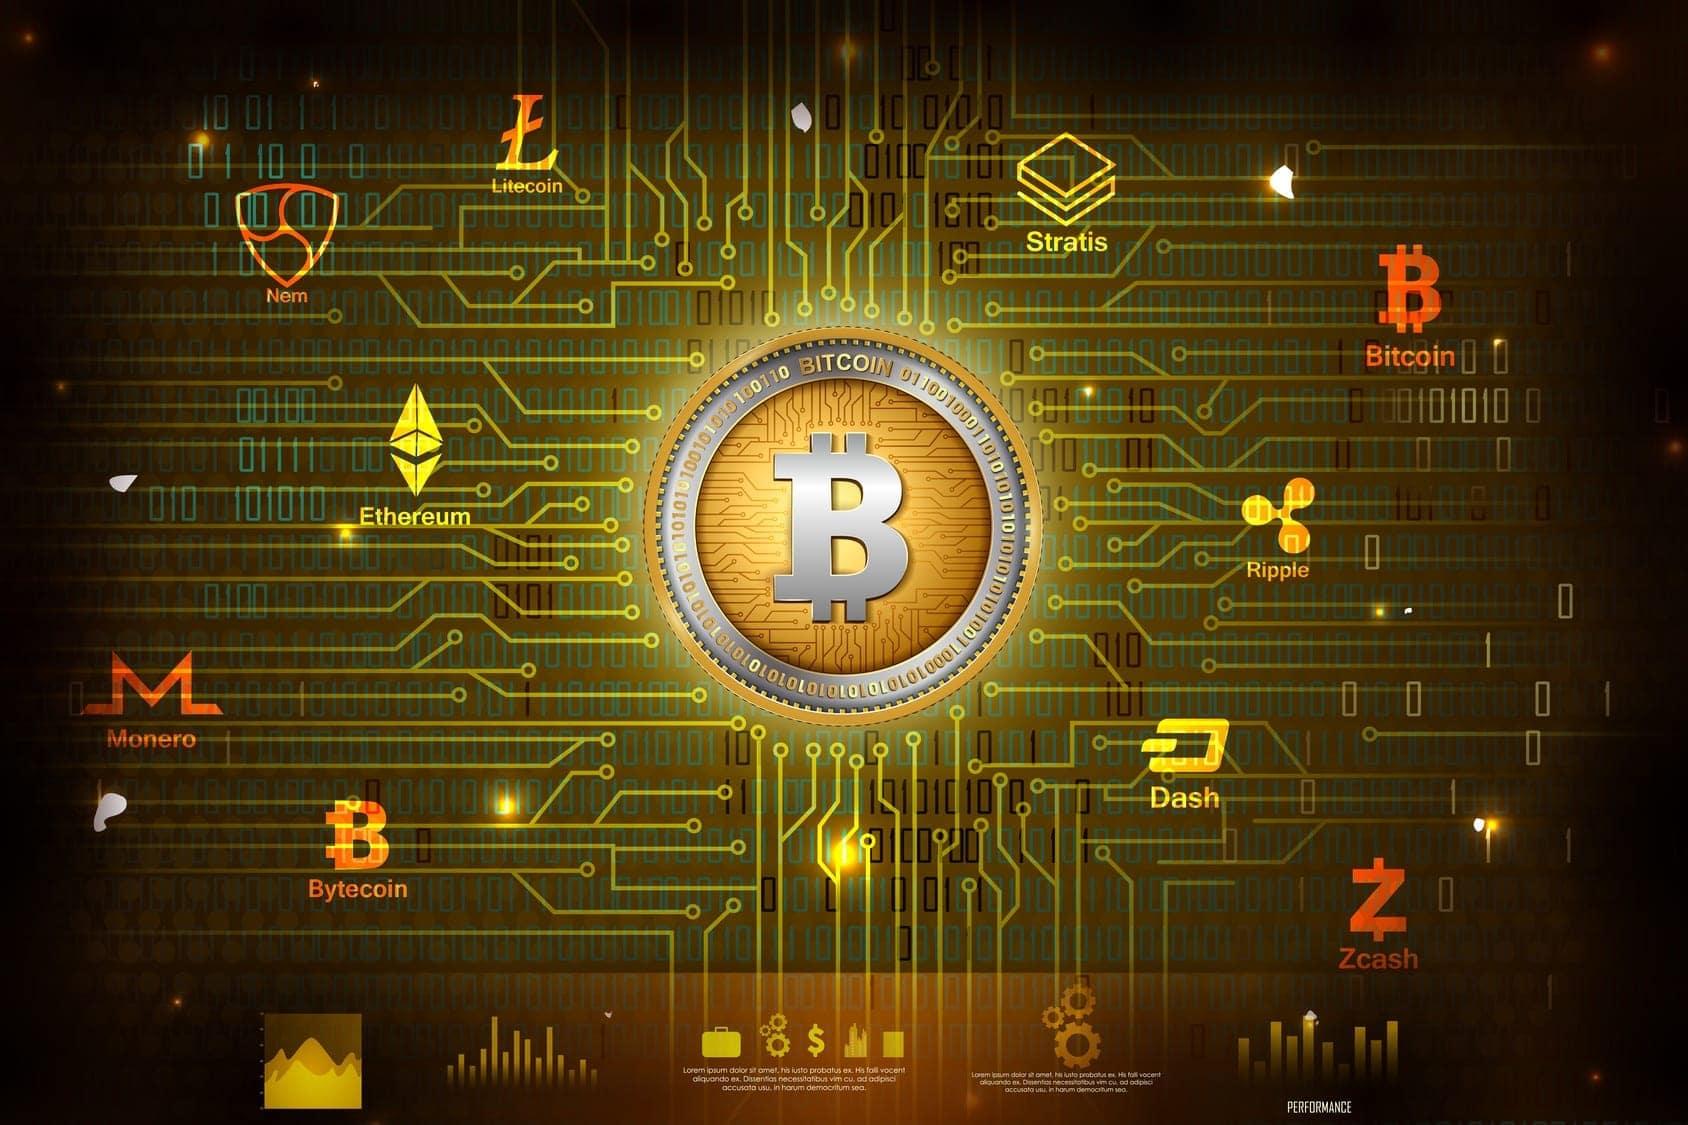 Krypto-Crowdfunding: Keine Werbung mit einer Prüfung oder Auszeichnung durch die BaFin